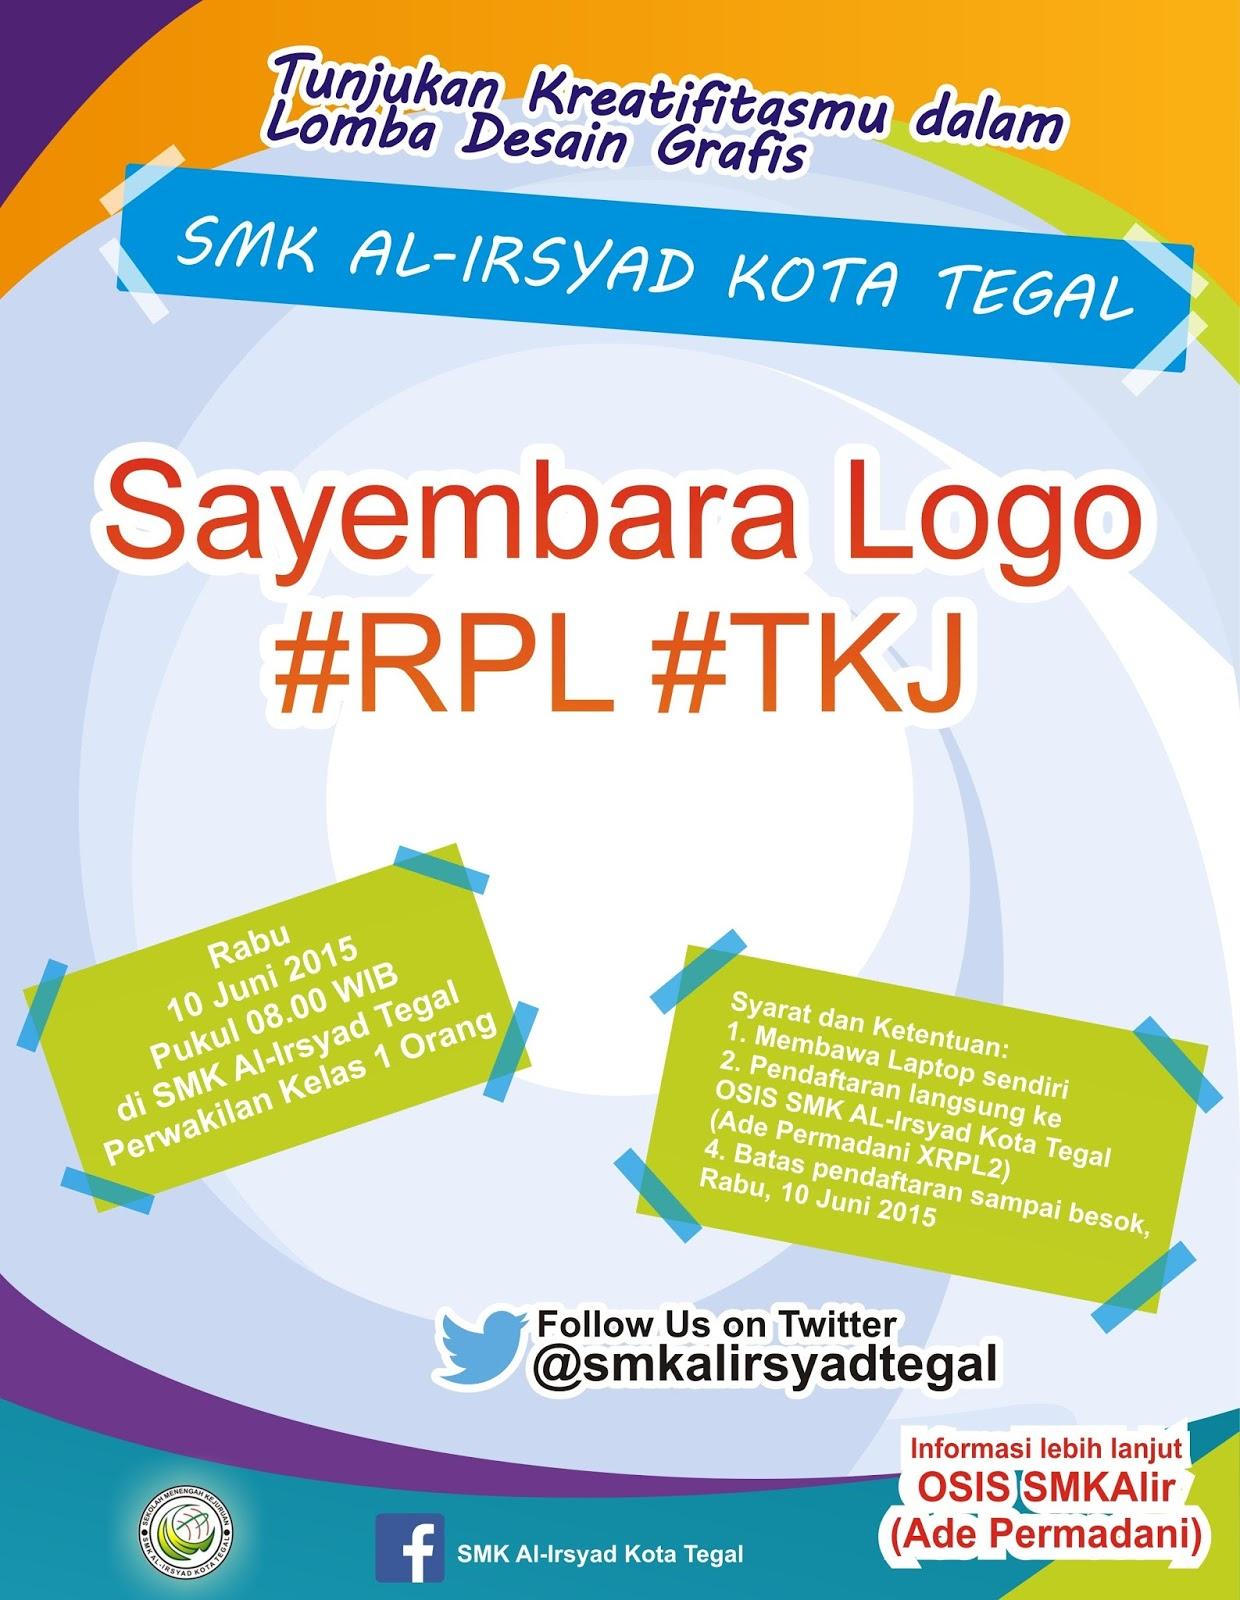 Contoh Brosur Lomba Desain Grafis Sayembara Logo Format CDR   Download ...